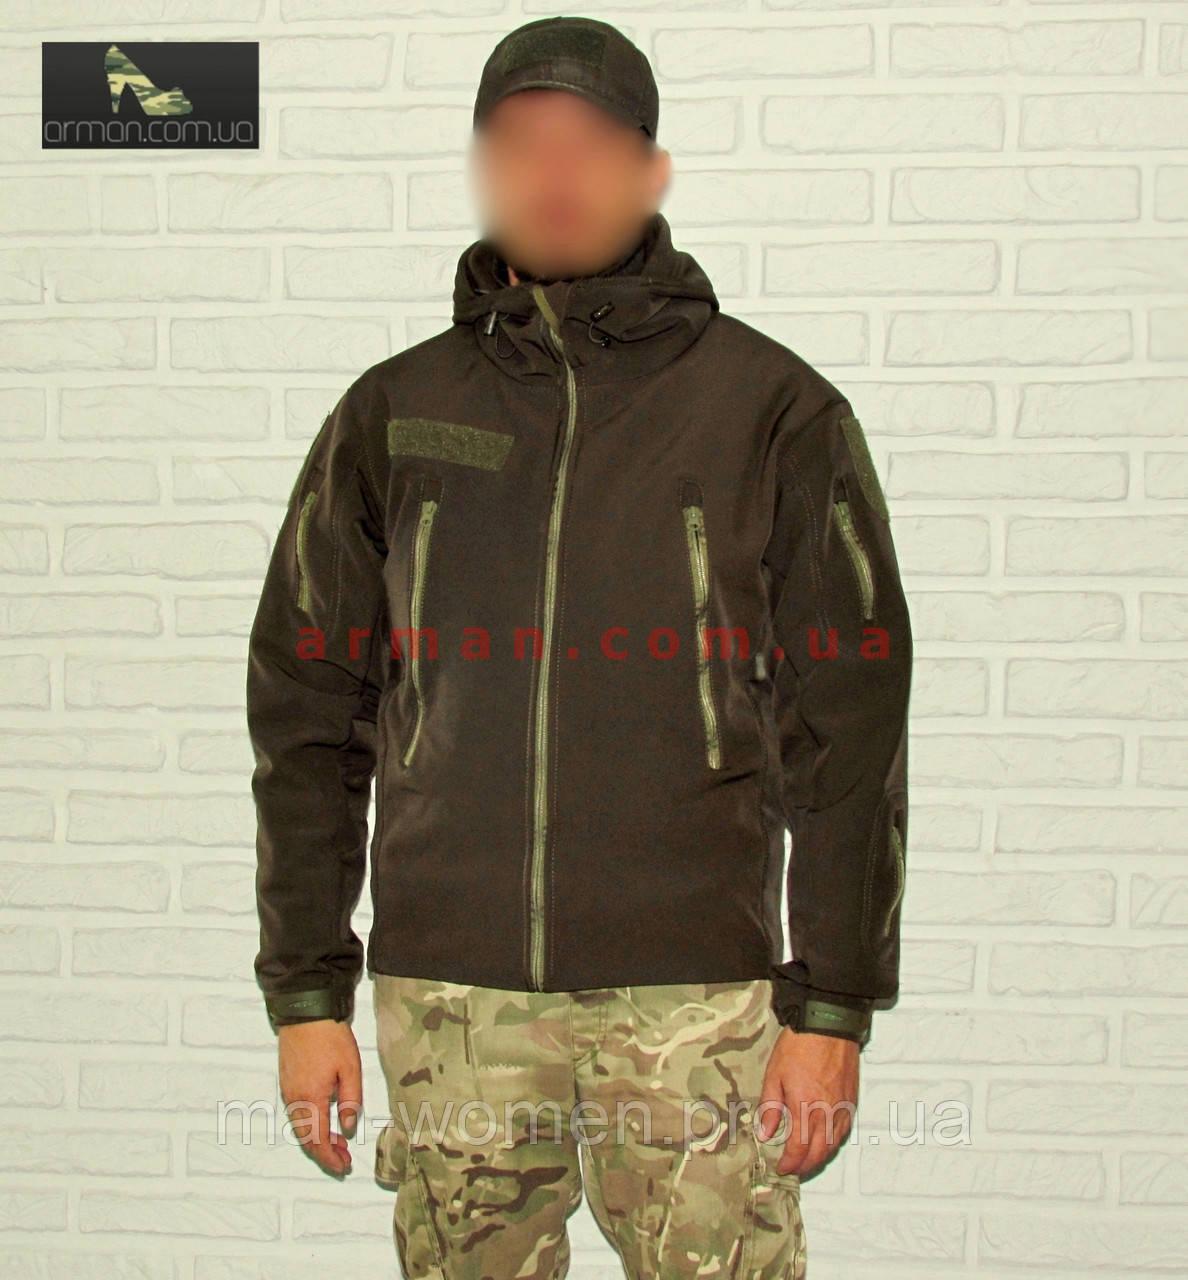 Куртка тактическая (Нацгвардия, СБУ, ВСУ, ГПСУ). Оригинальная ткань softshell (ветровлагозащитная)